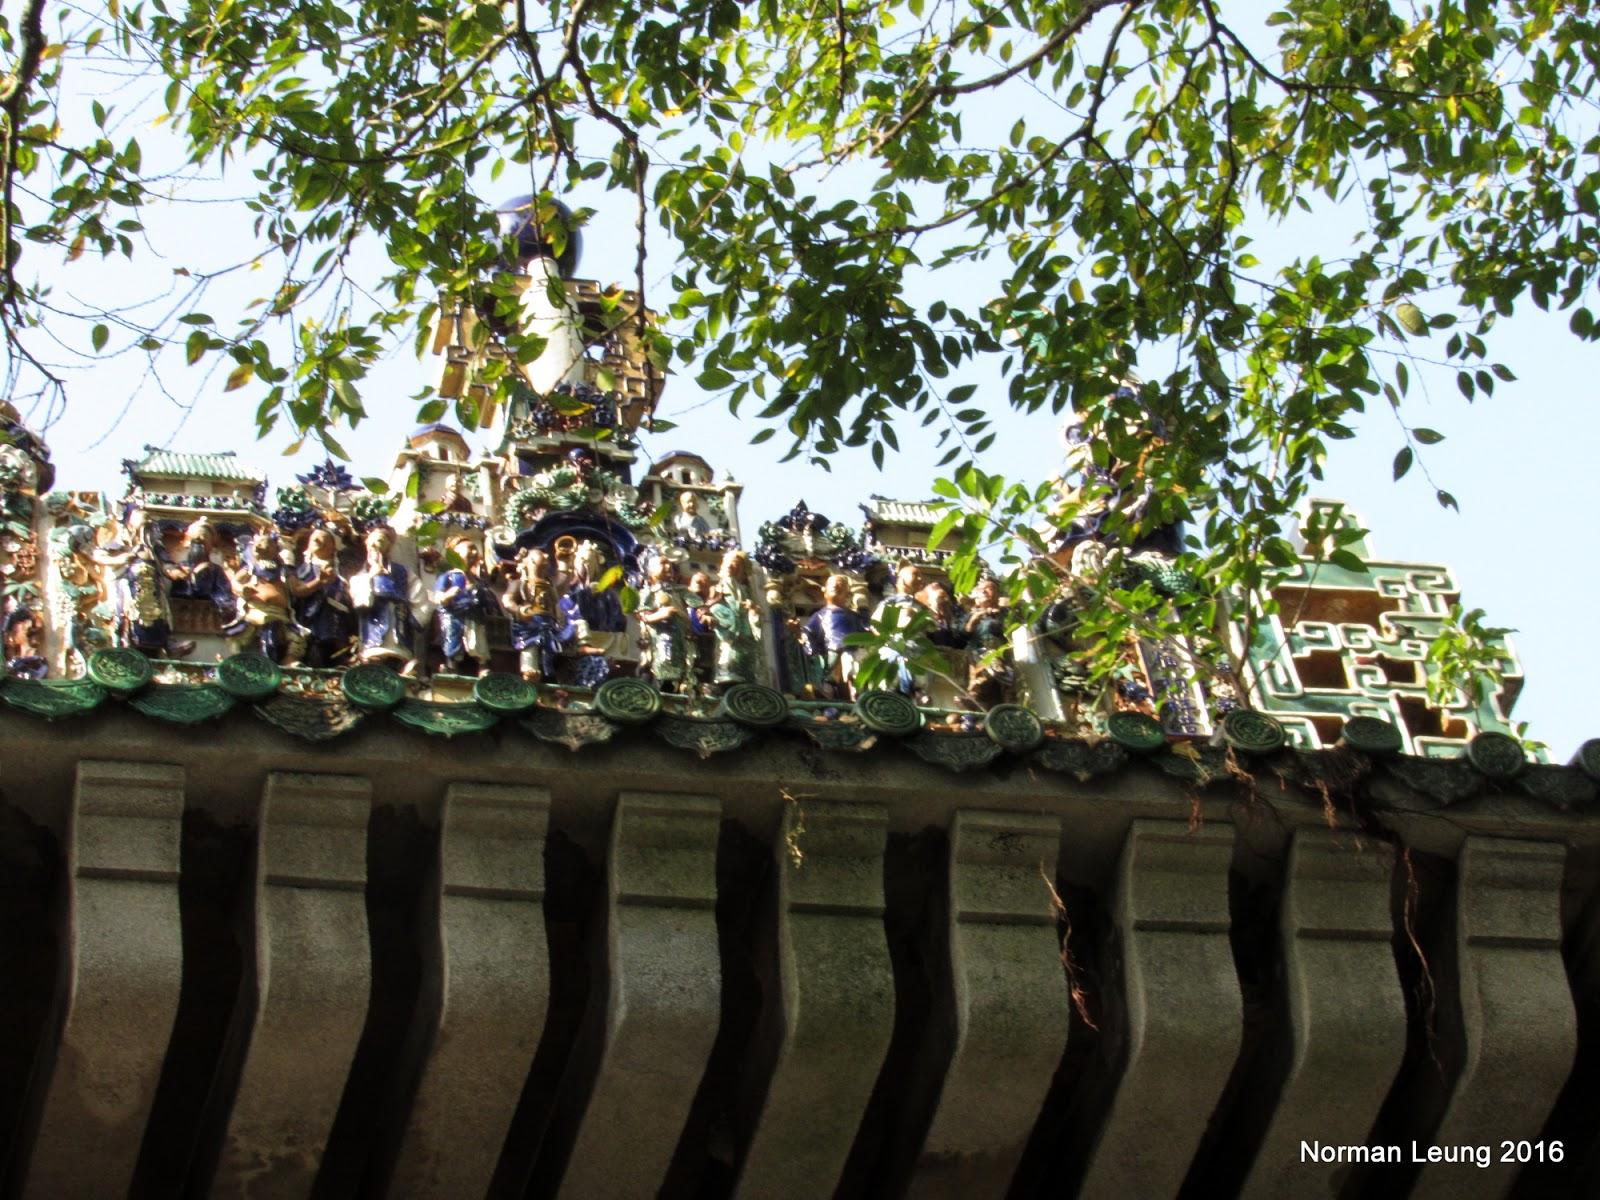 平步青雲登青山,順訪千年古剎青山禪院。